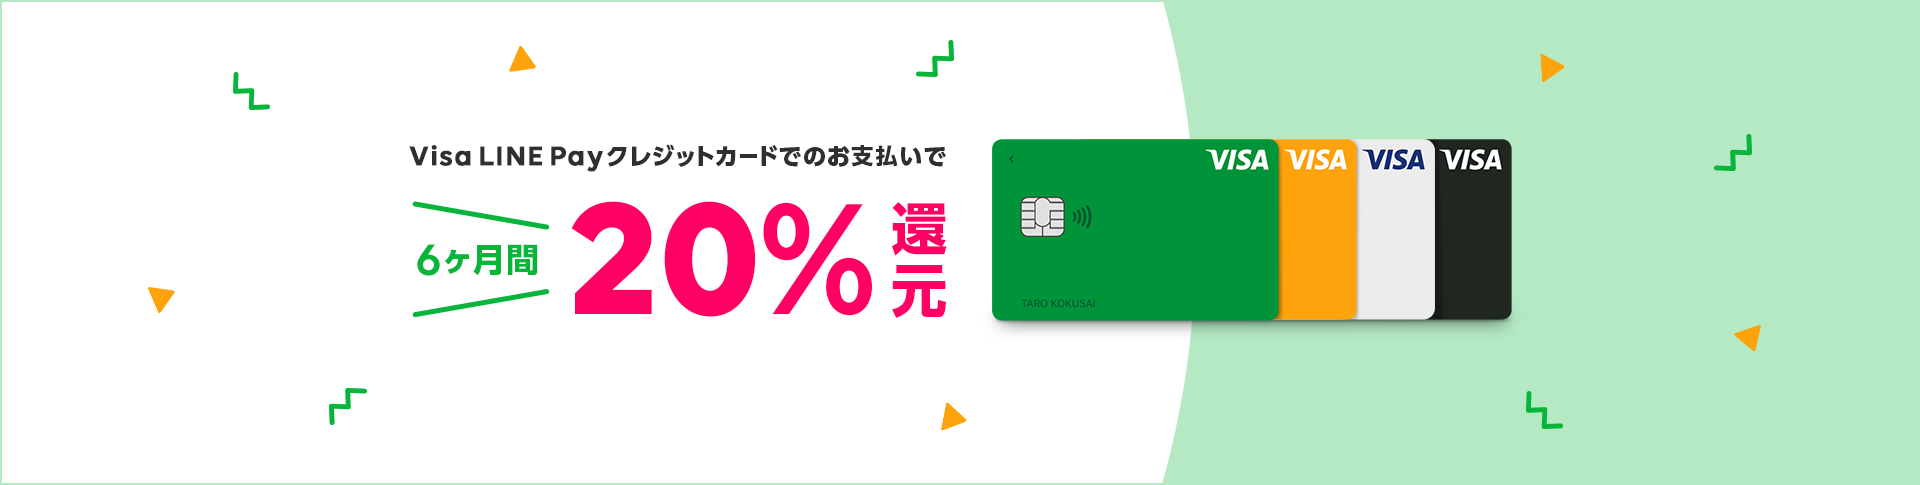 VIsa LINE Pay クレジットカードでのお支払いで6ヶ月間20%還元